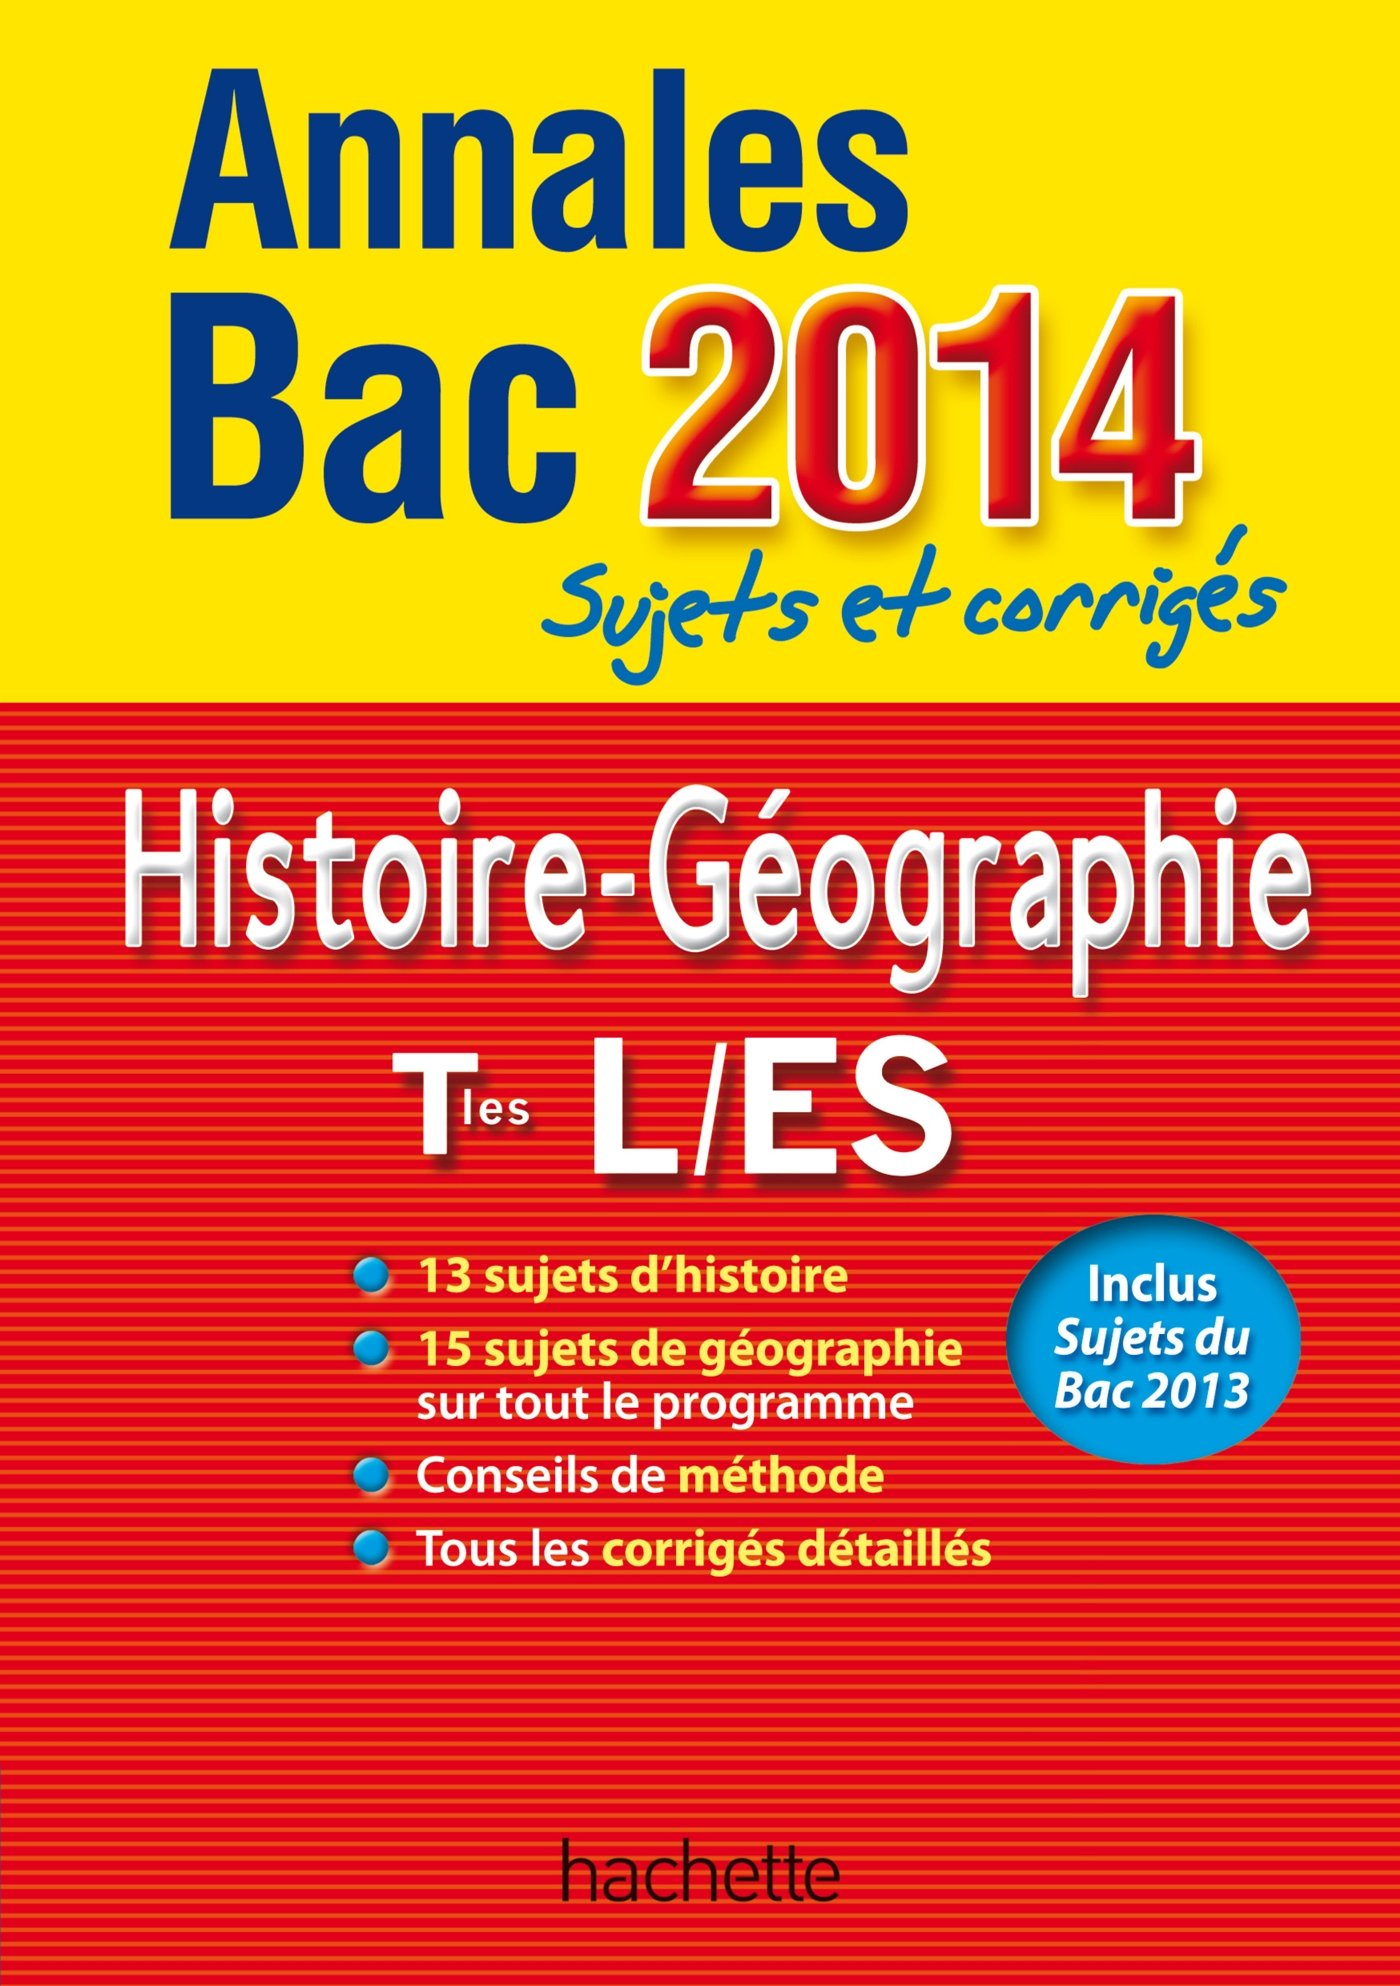 Annales Bac 2014 sujets et corrigés - Histoire-Géographie Terminales L, ES (French) Paperback